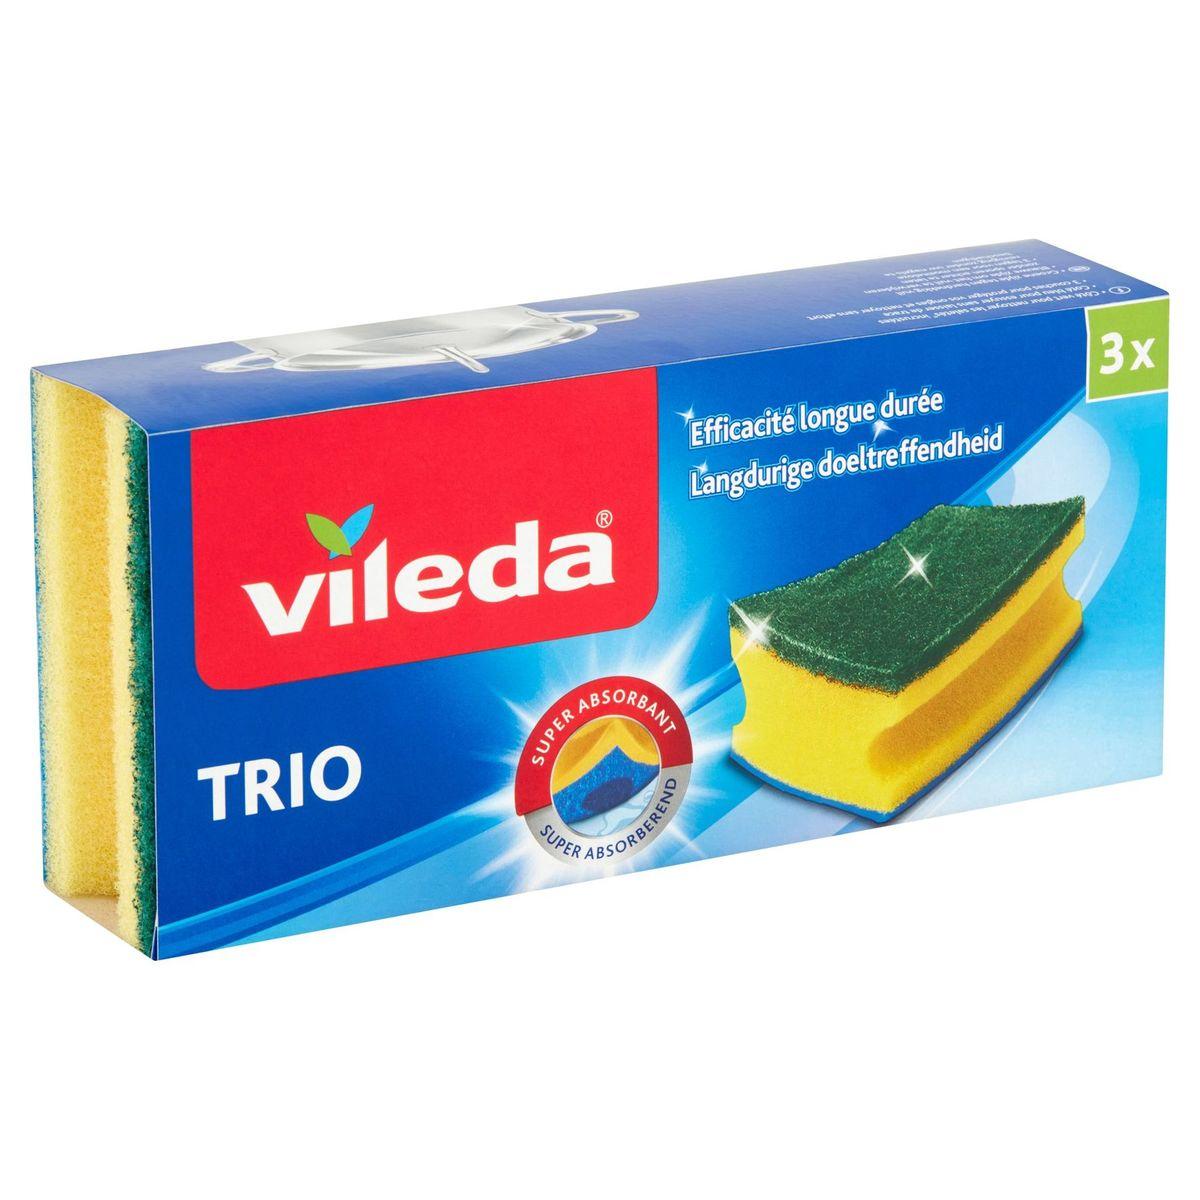 Vileda Trio 3 Stuks